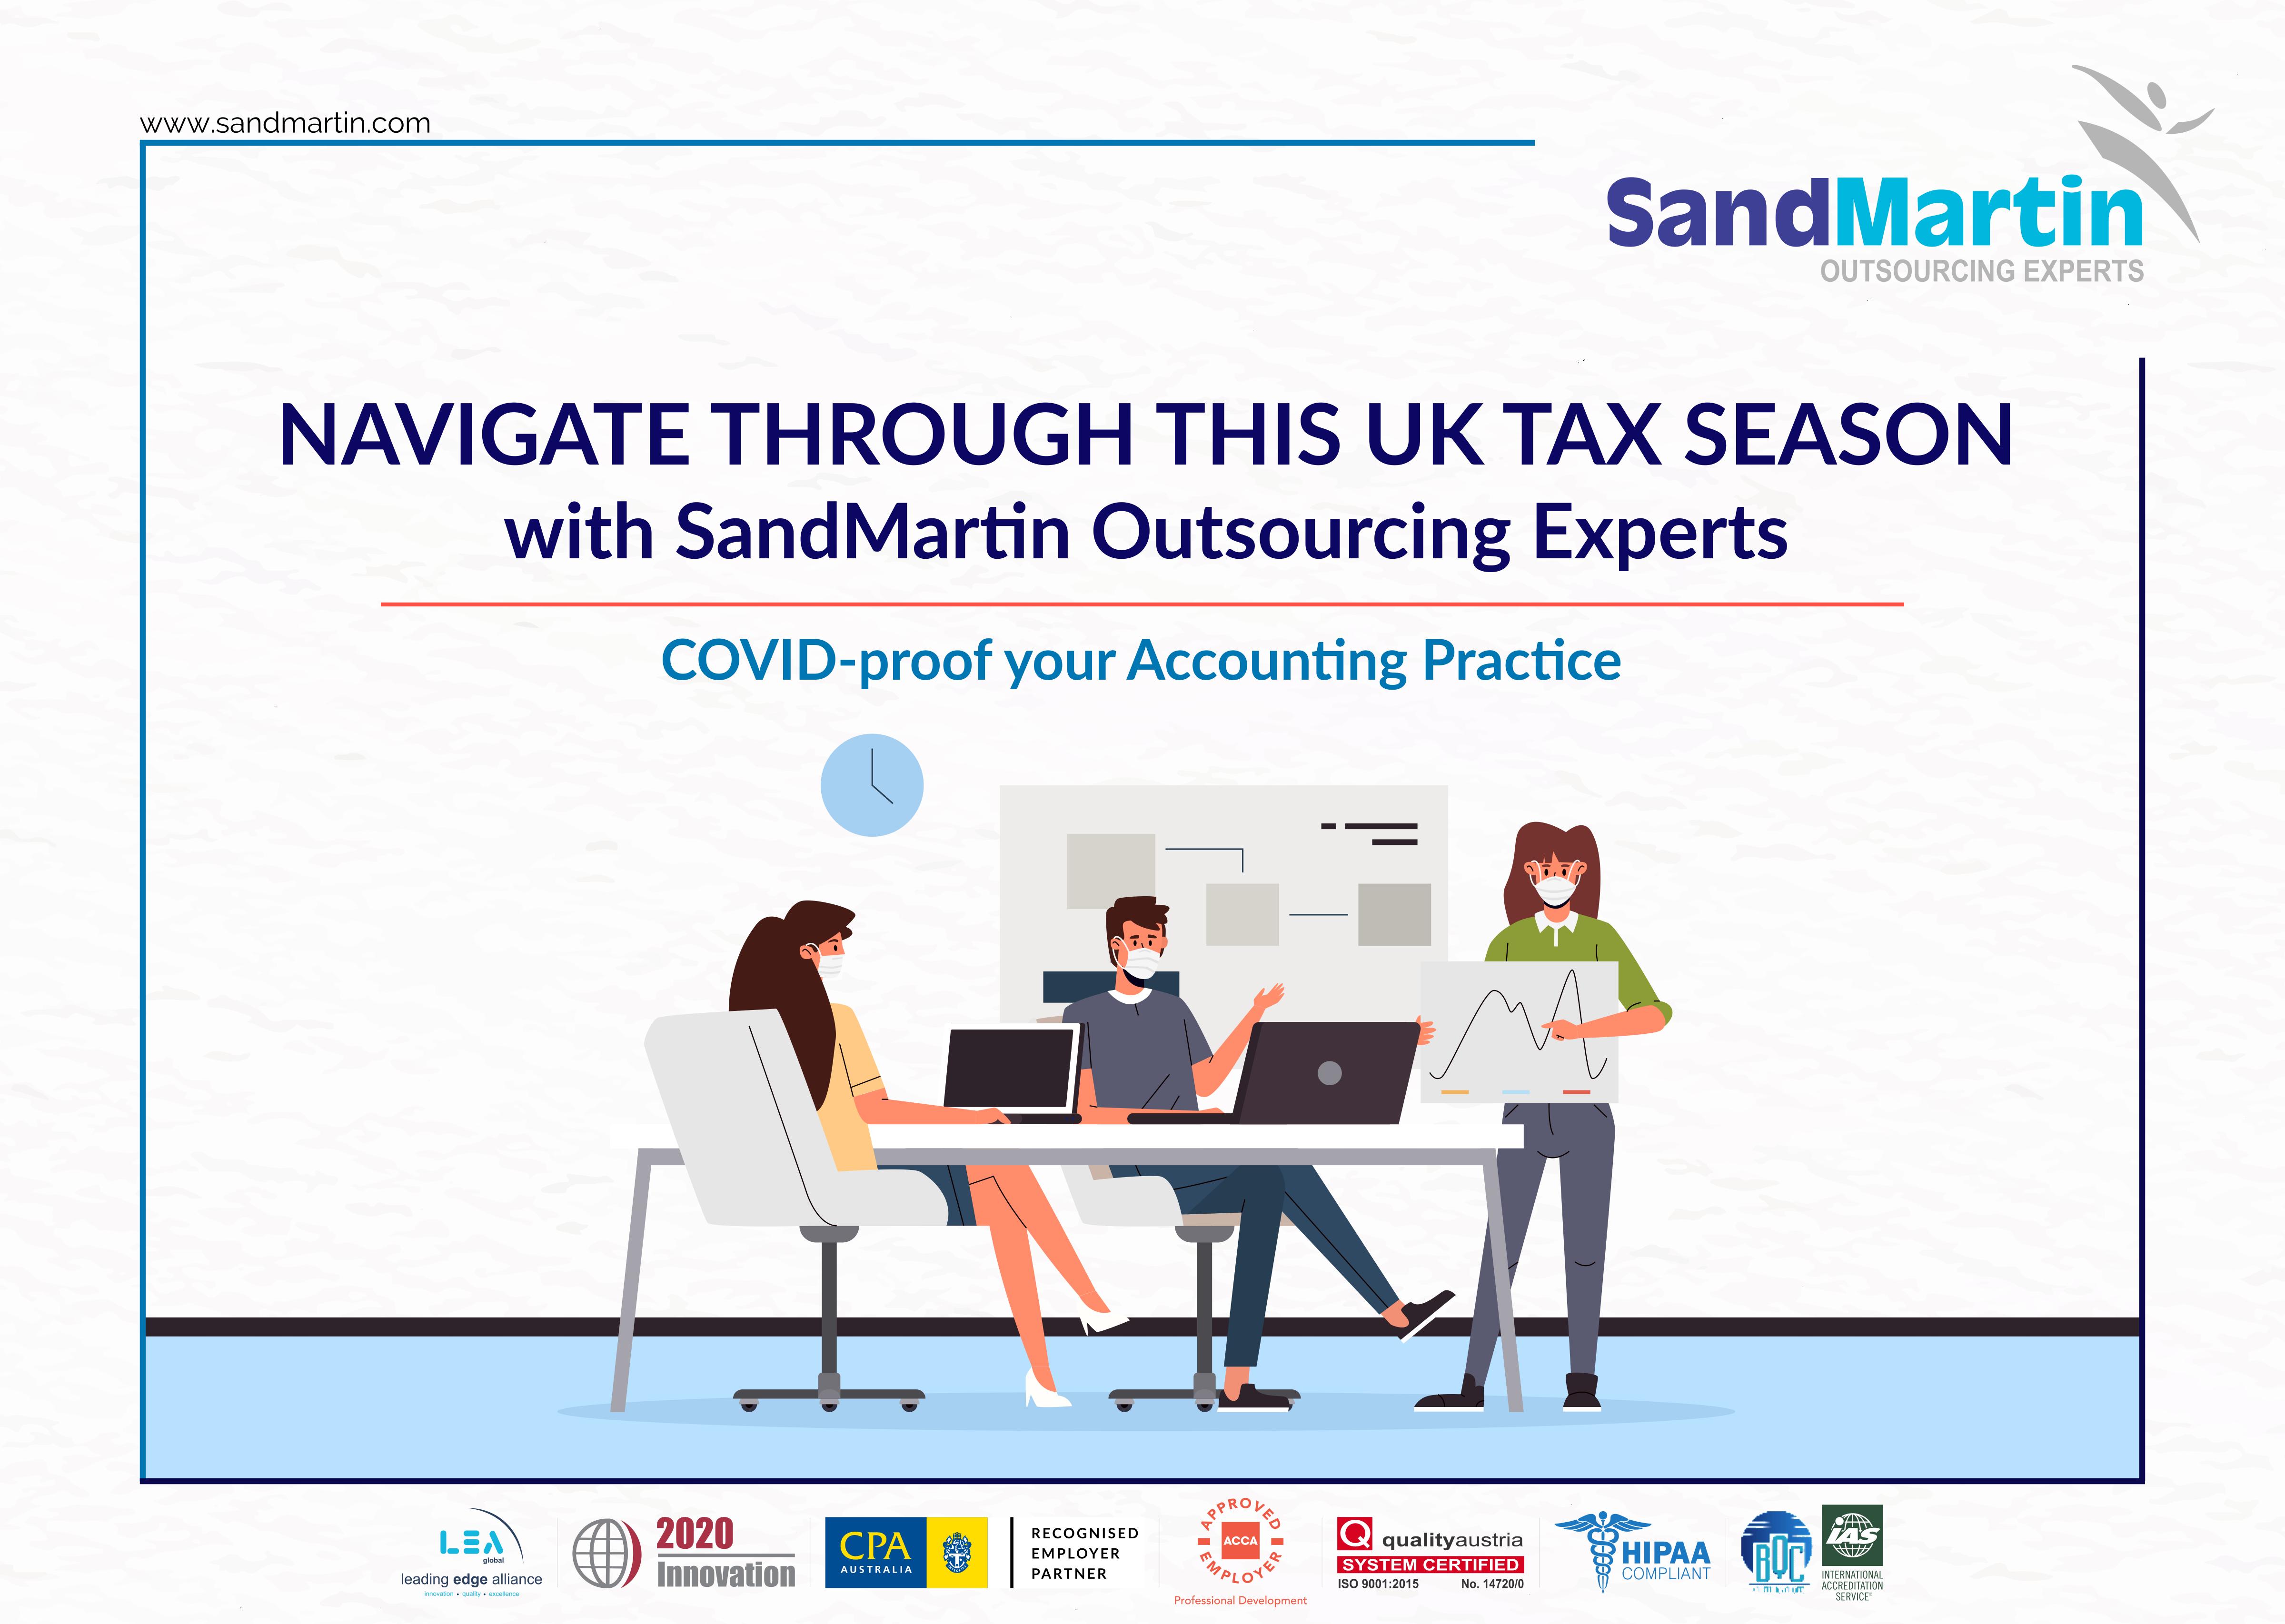 Beat the Rush of this UK Tax Season with SandMartin